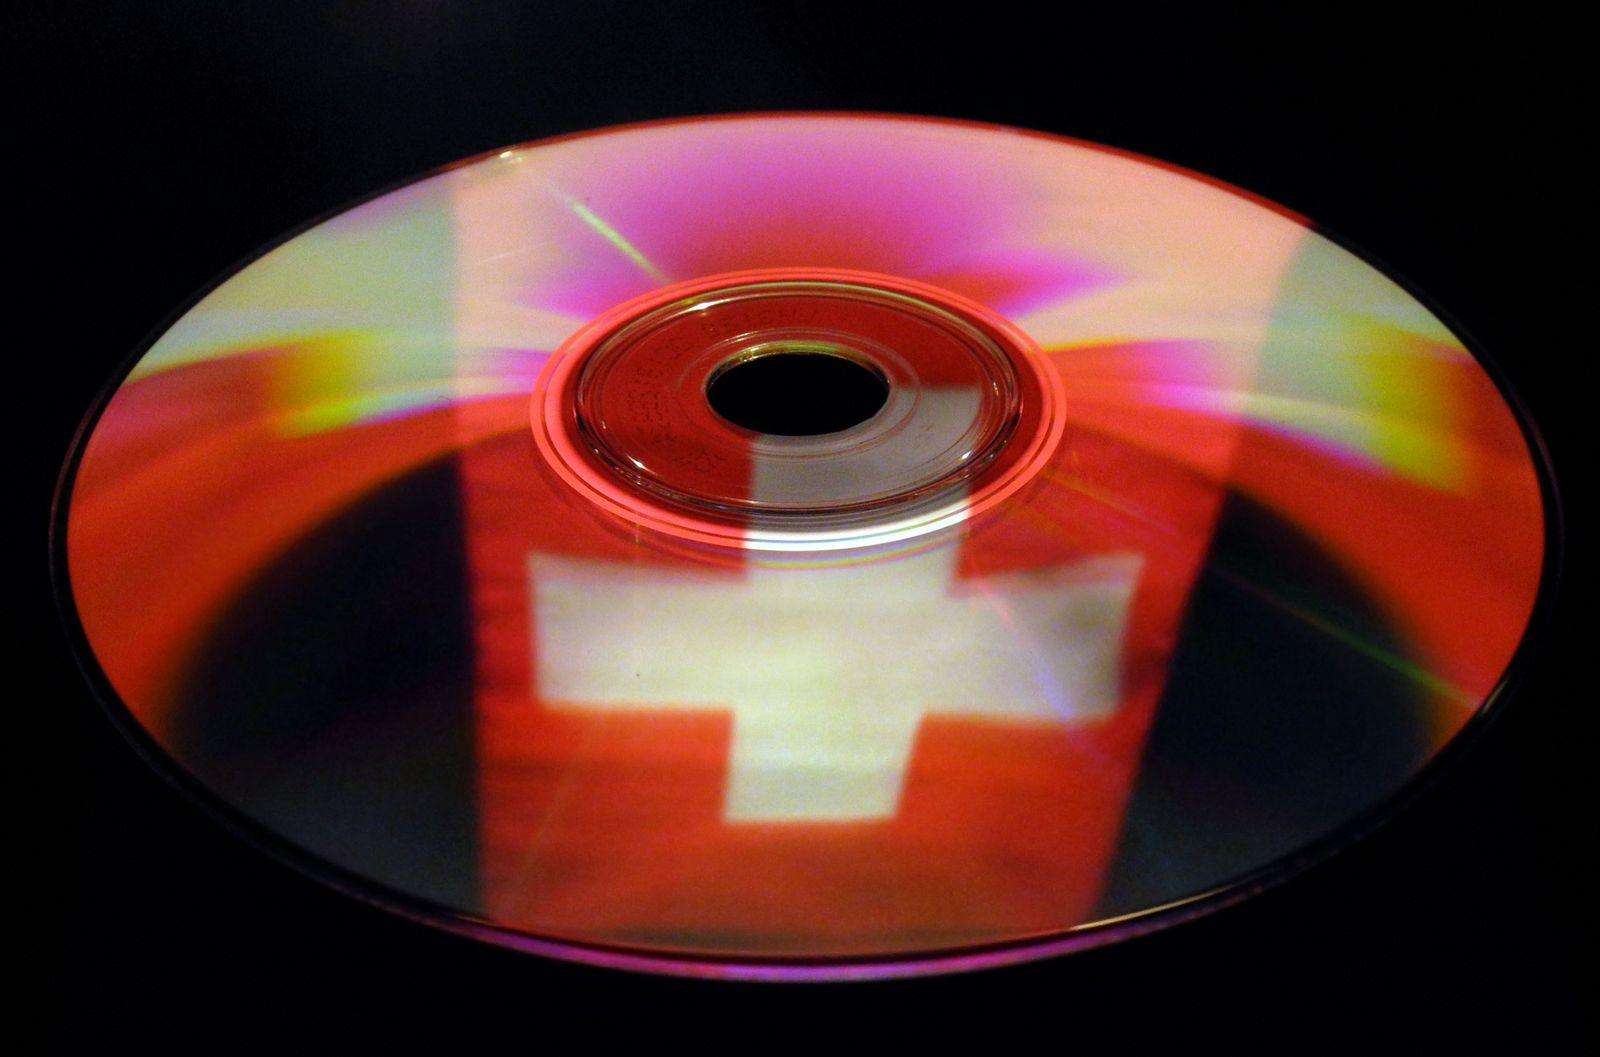 NICHT VERWENDEN Schweiz / CD / Fahne